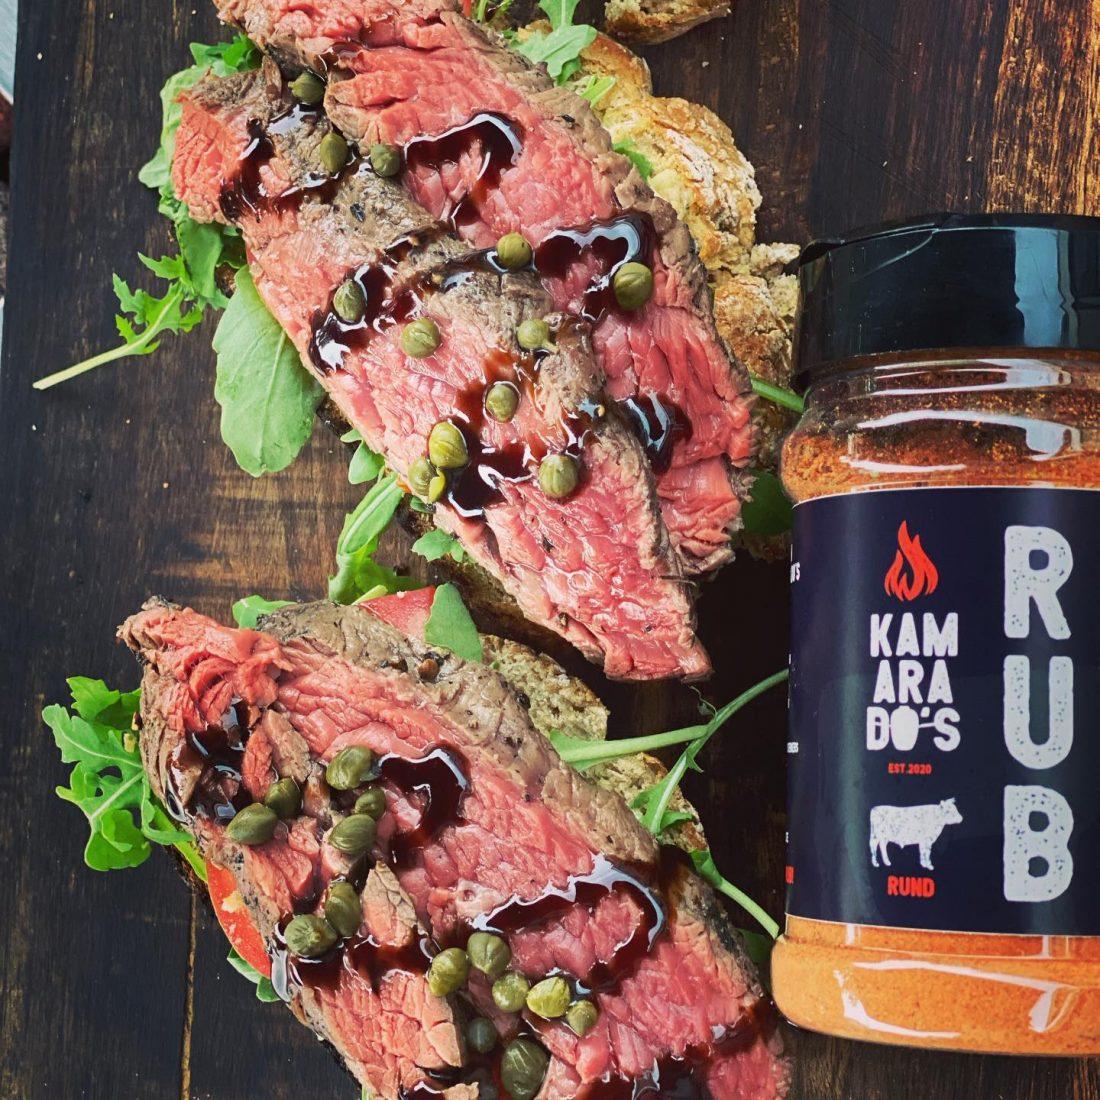 Kamarados BBQ Dry Rub Rund